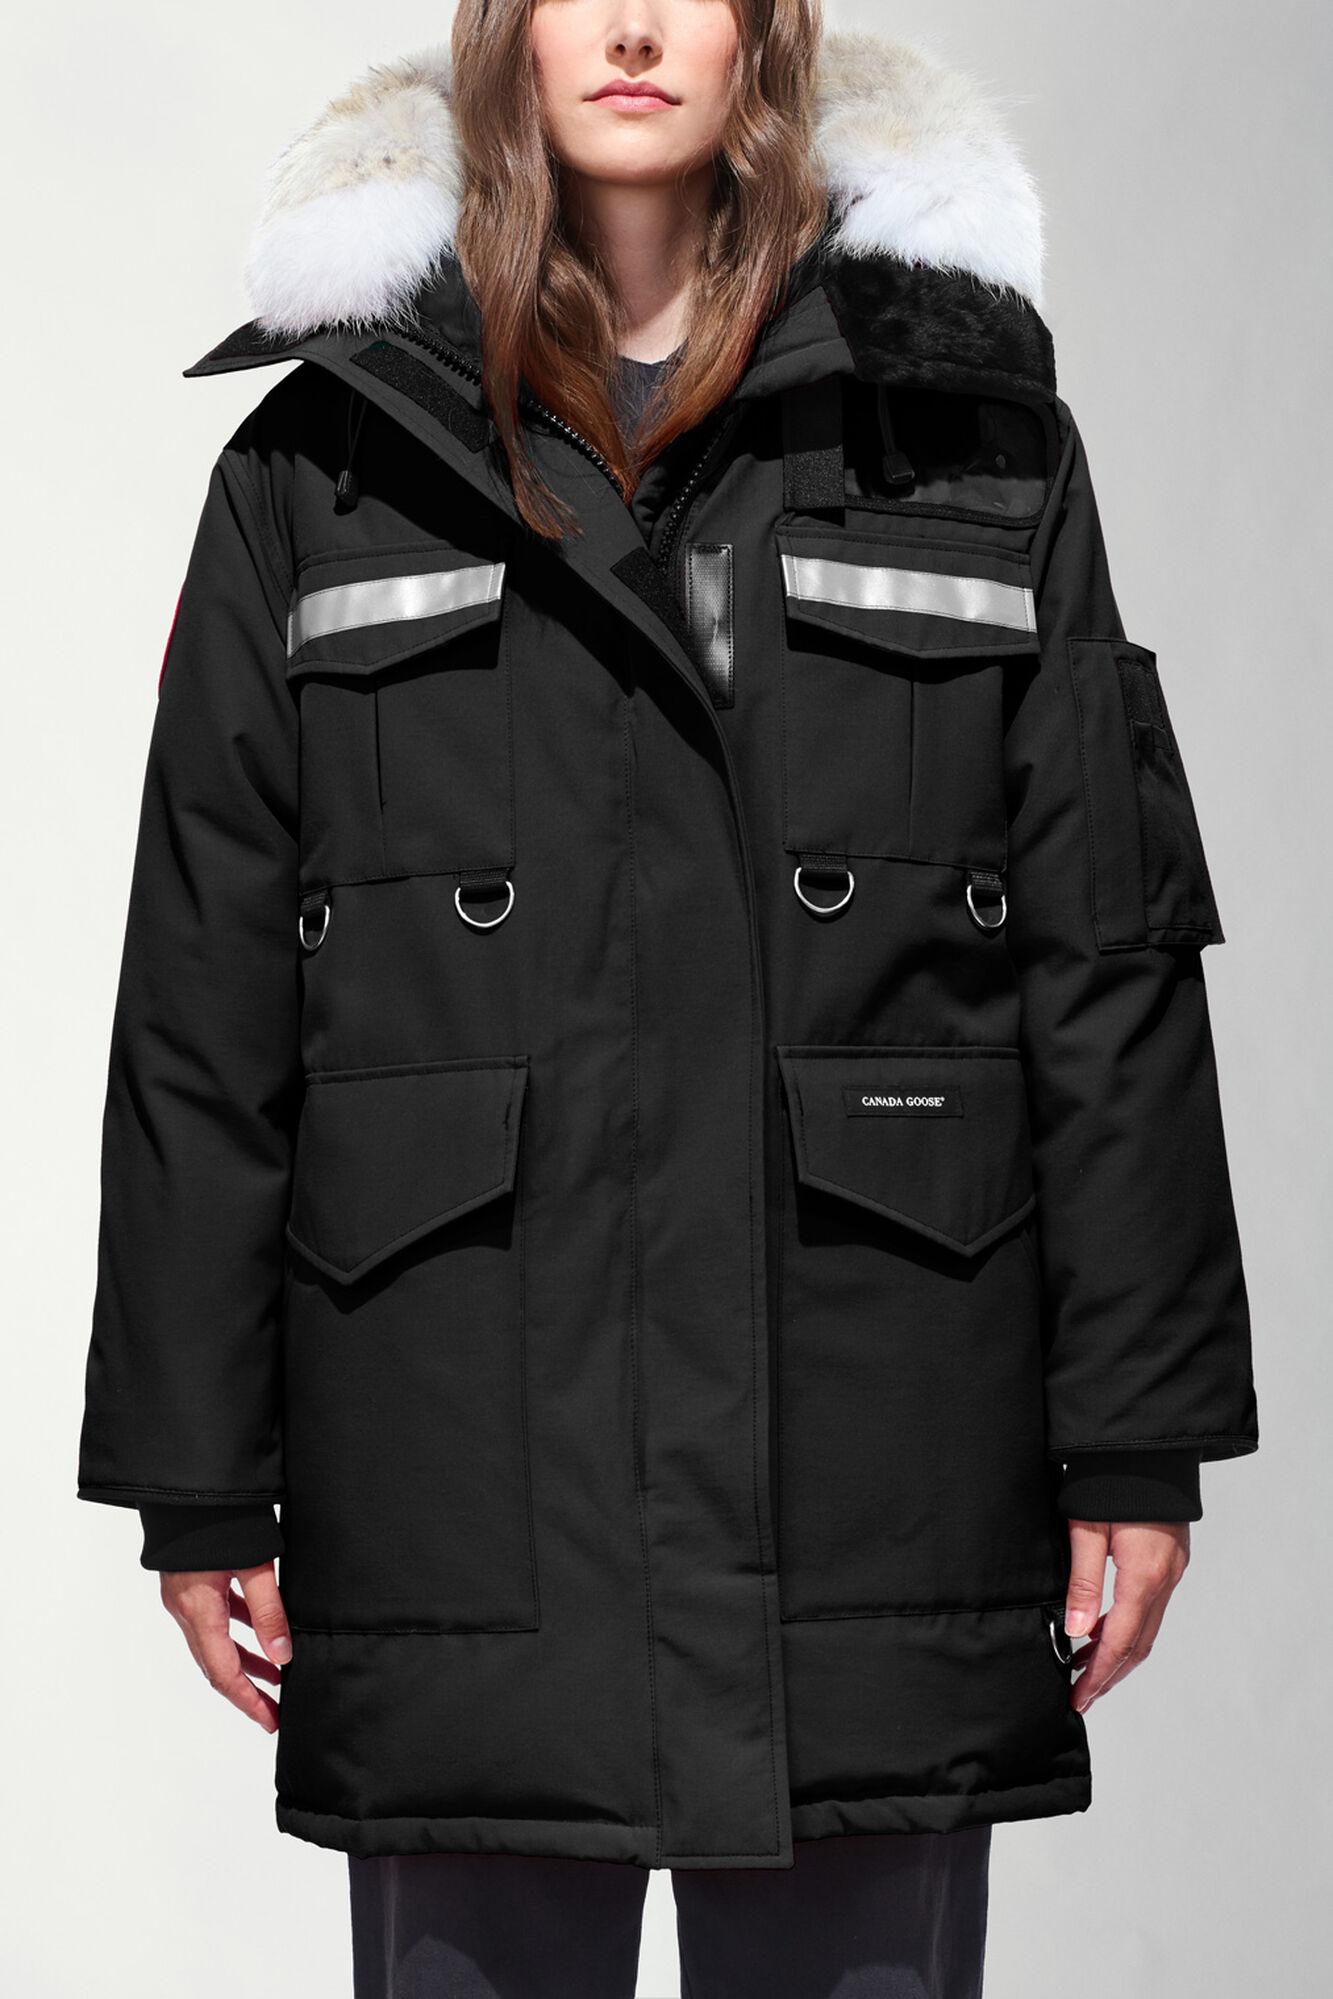 Fake North Face Jackets